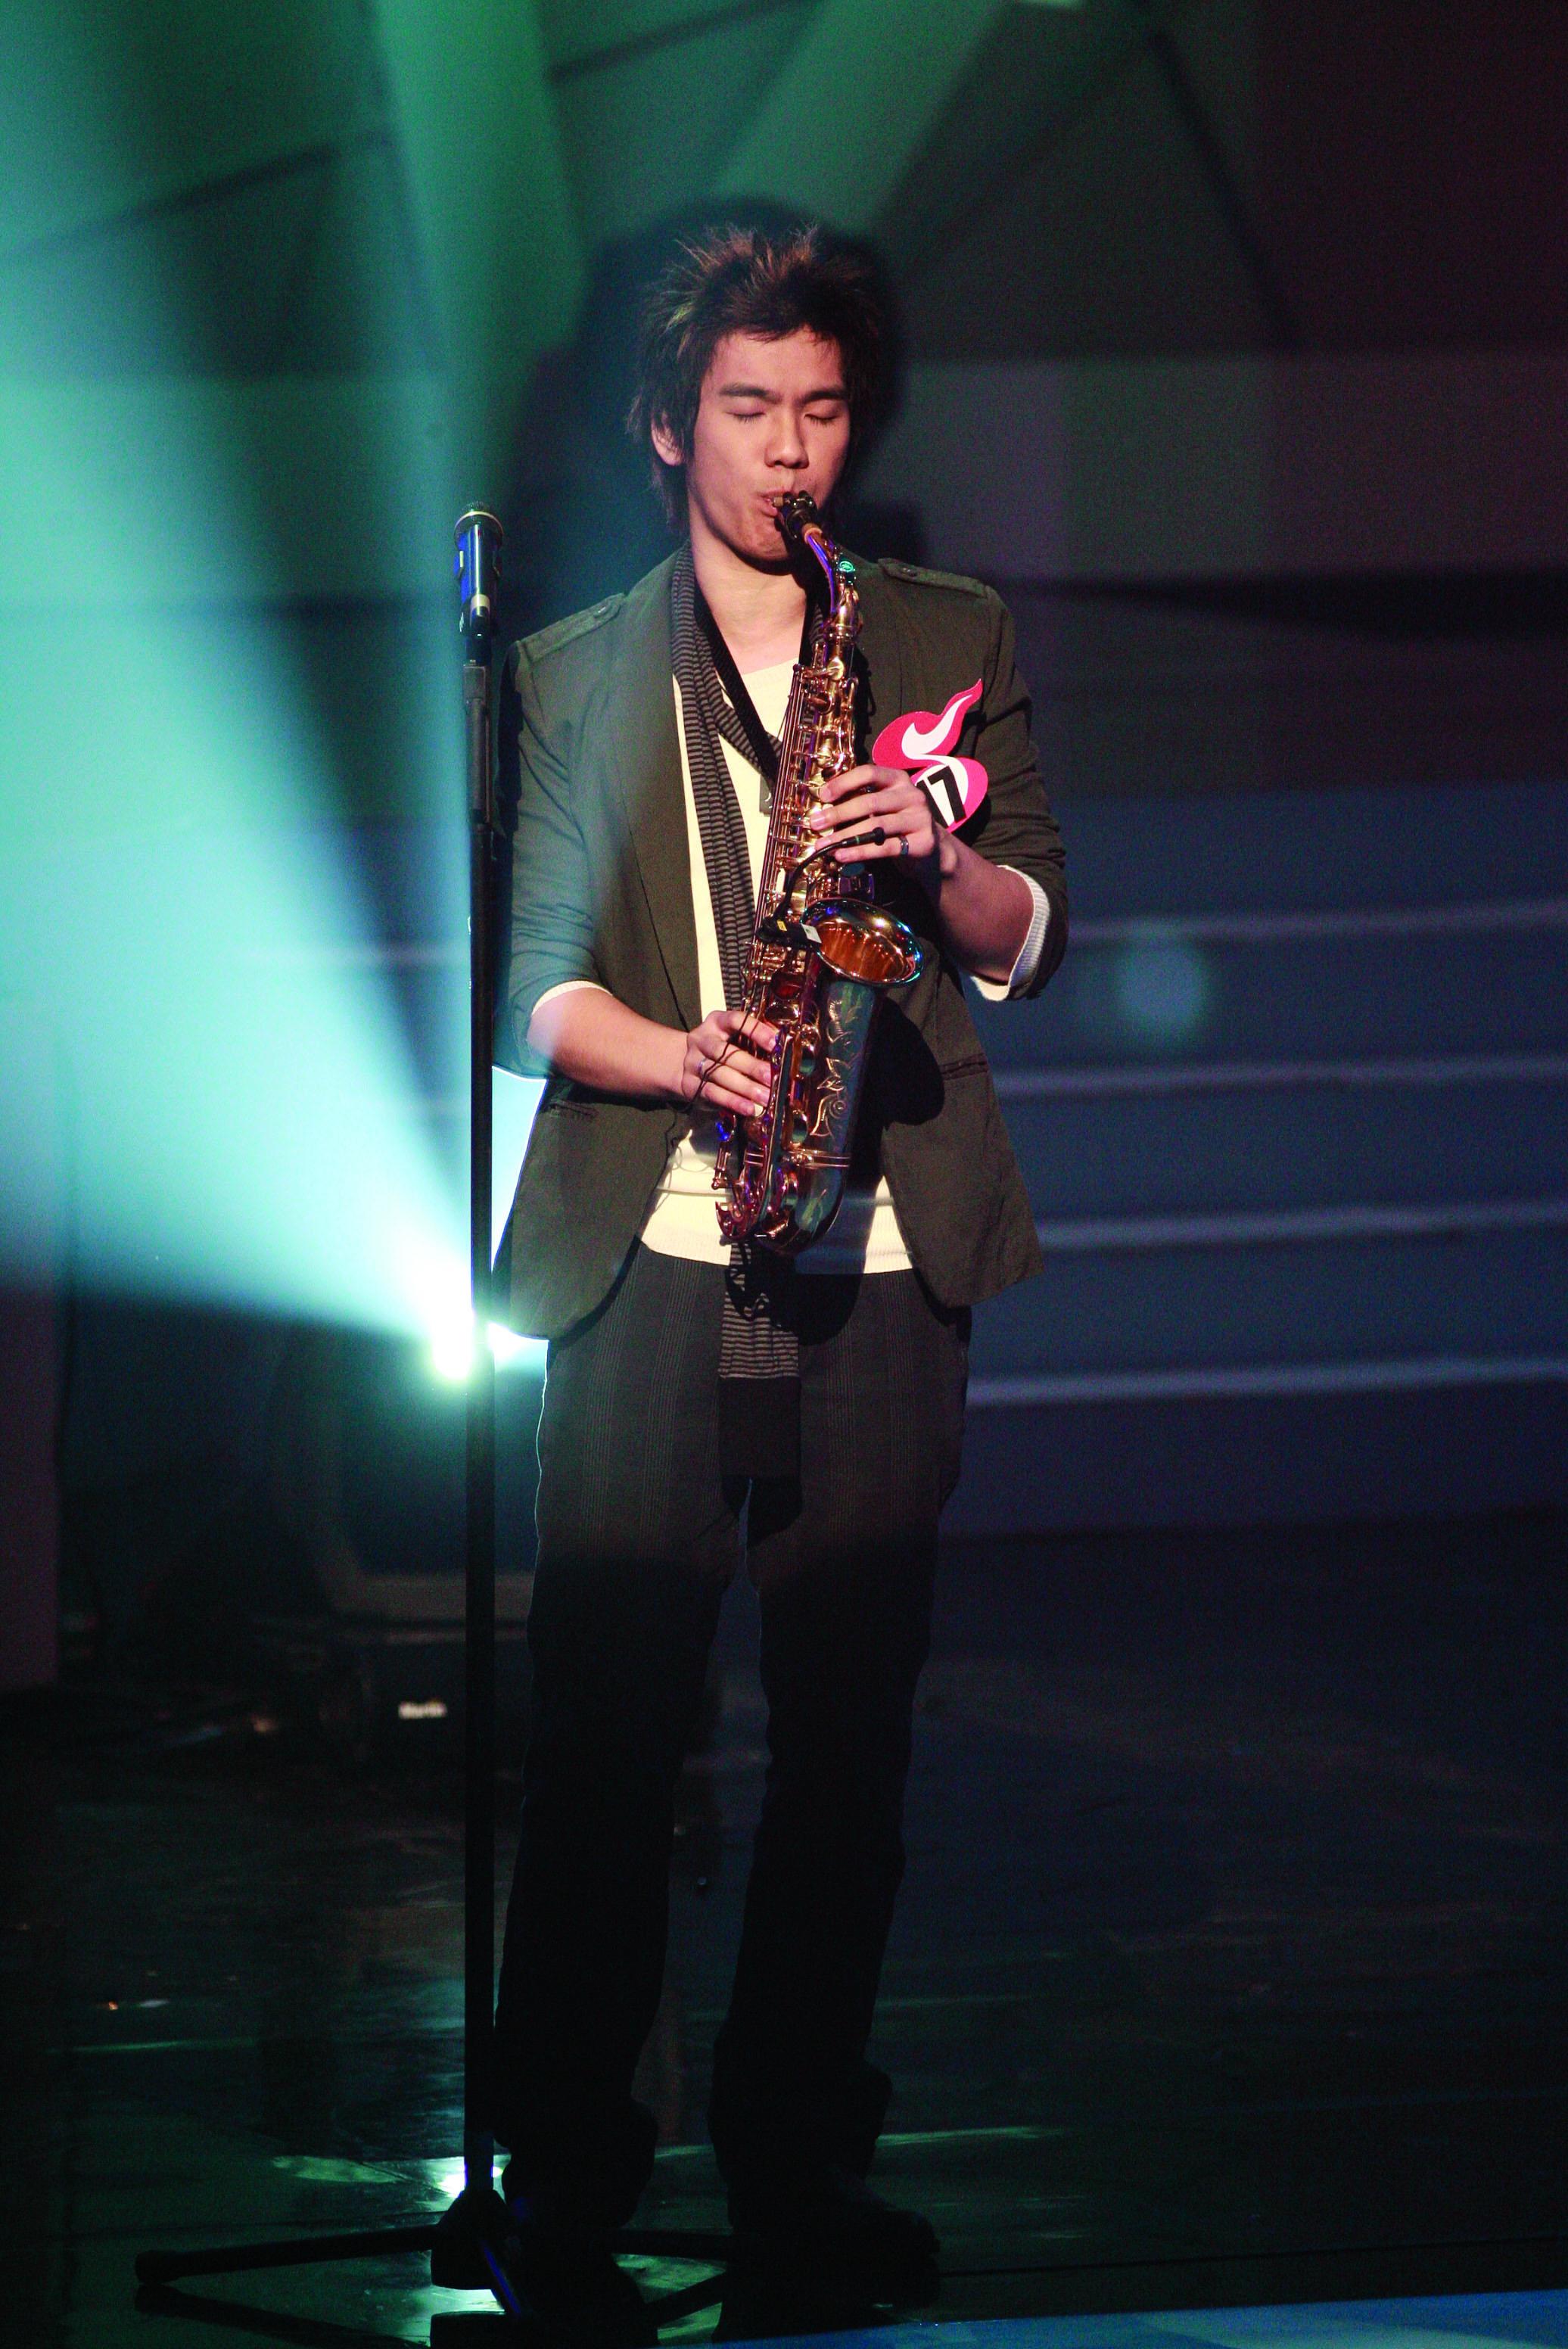 在溫哥華新秀大賽奪冠,然後返港參加《TVB全球華人新秀歌唱大賽》。